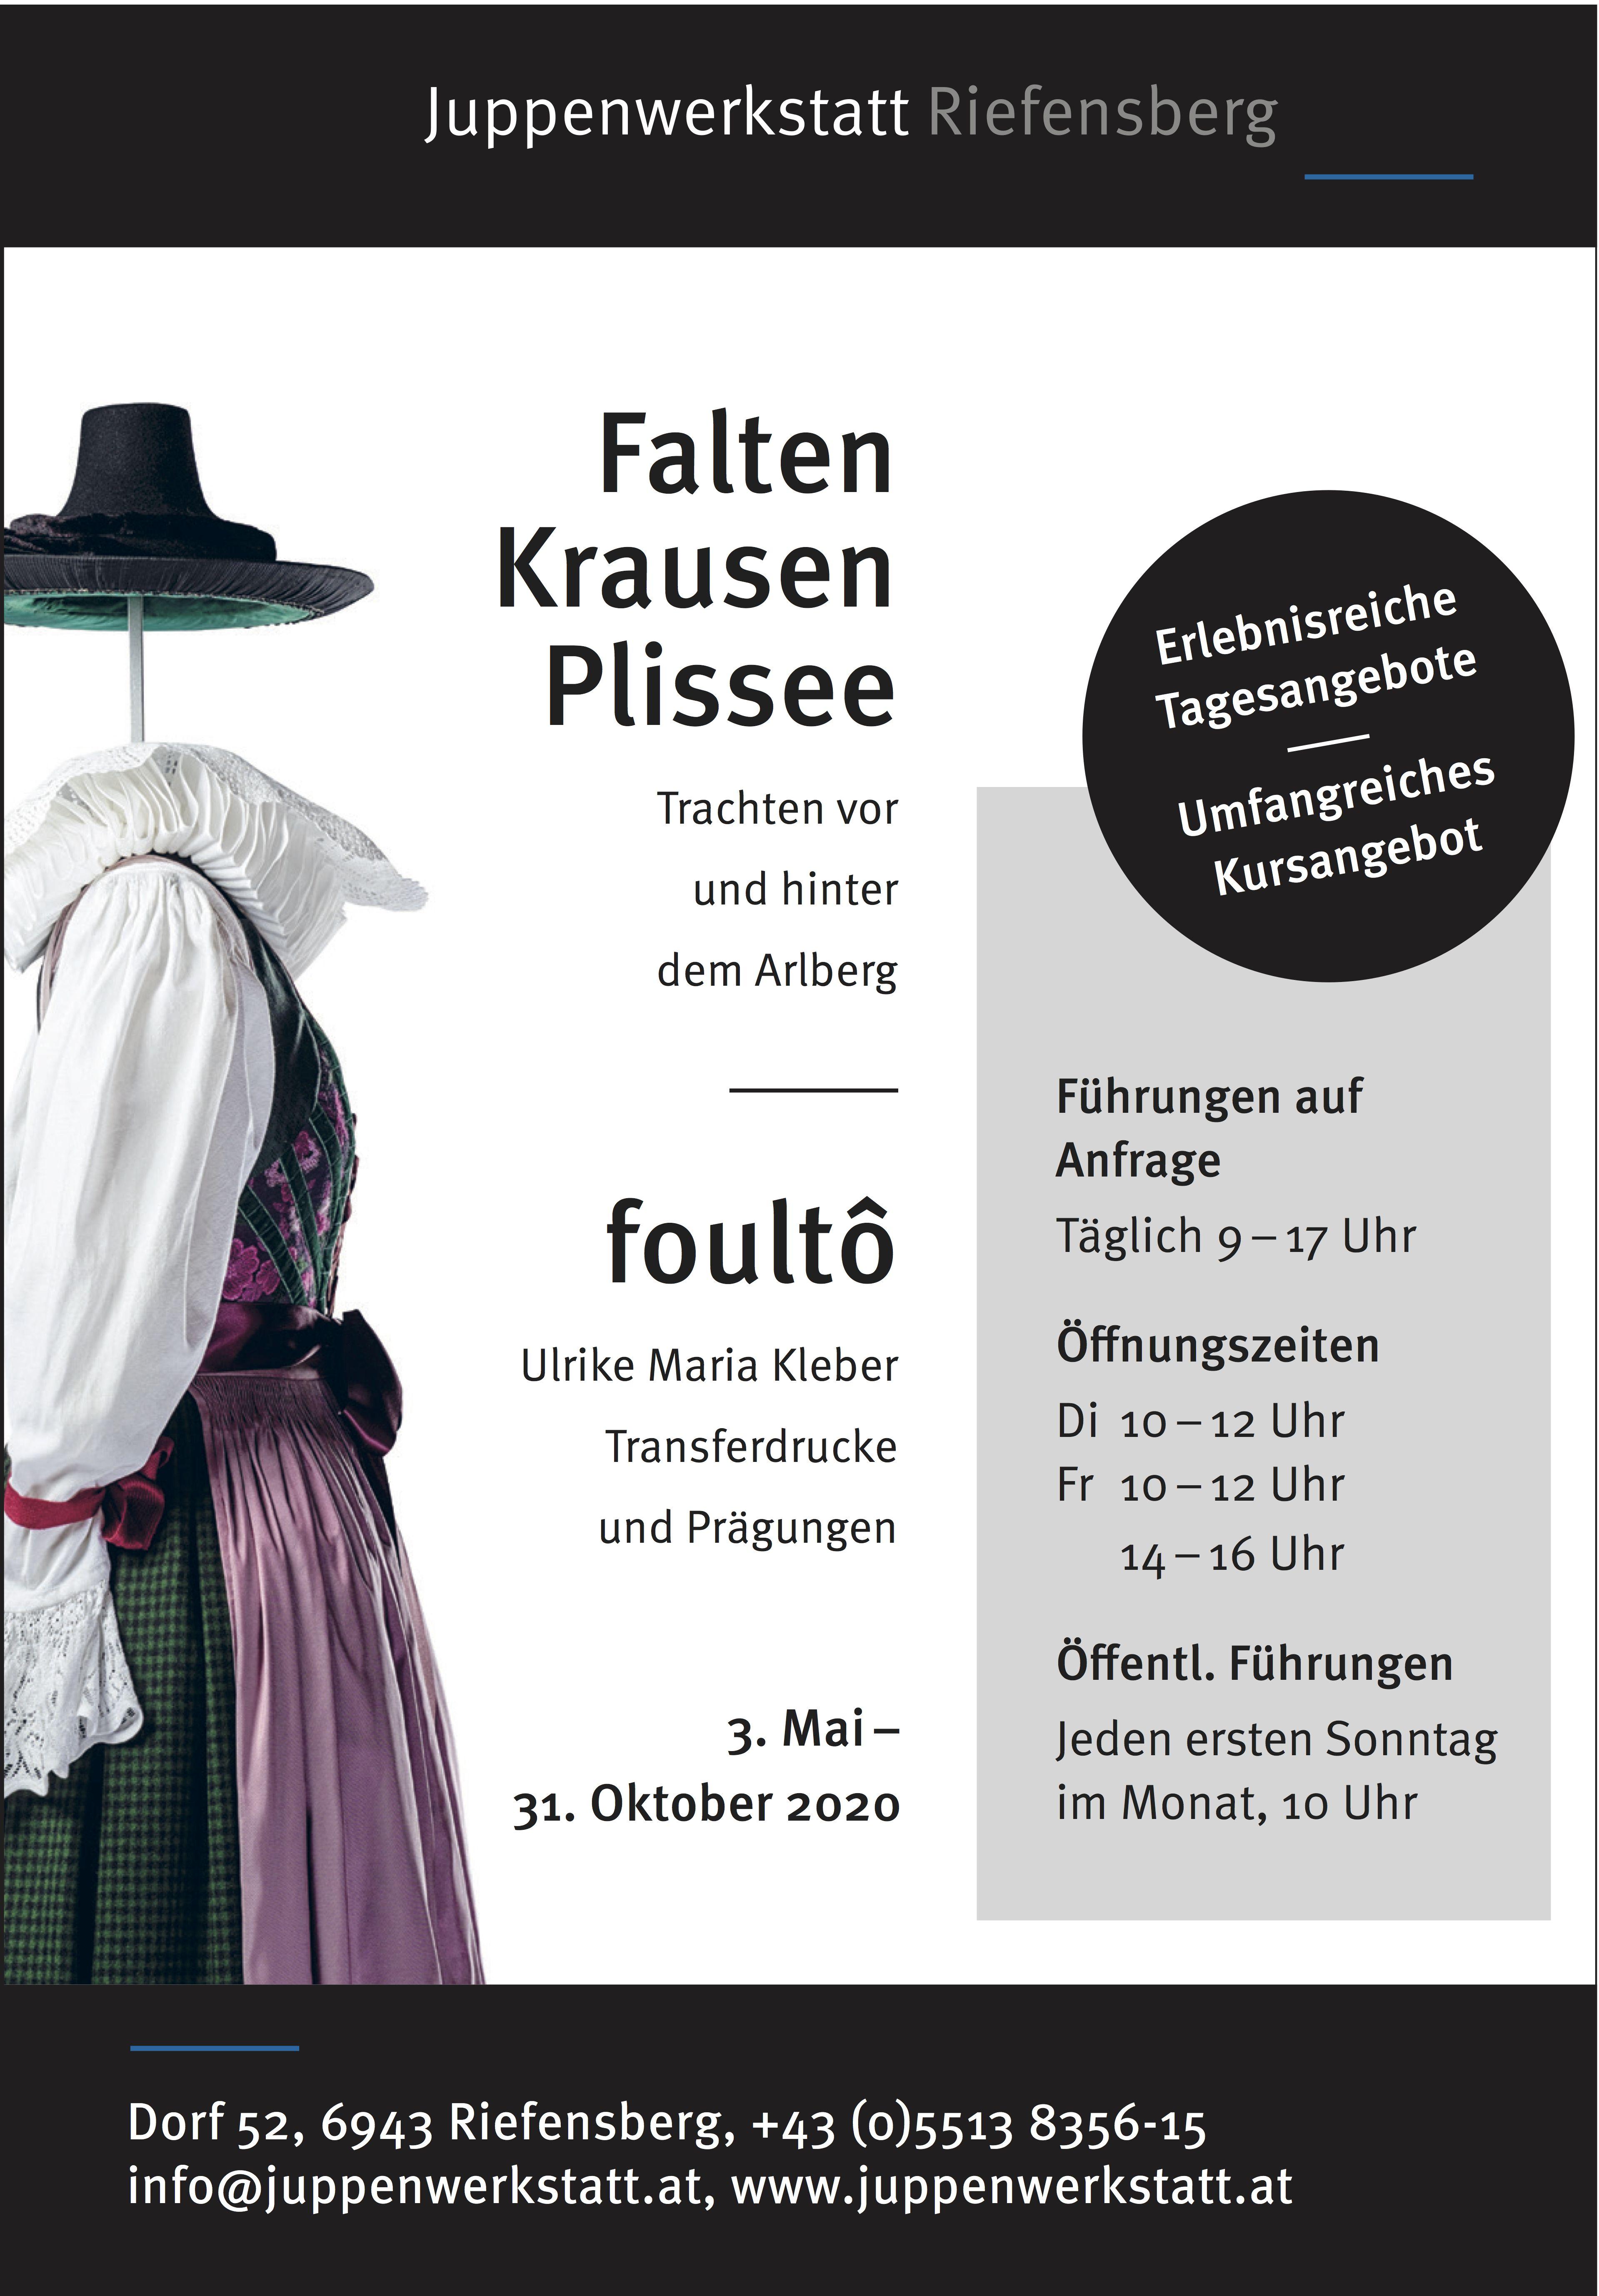 Ausstellung Falten, Krausen, Plissee